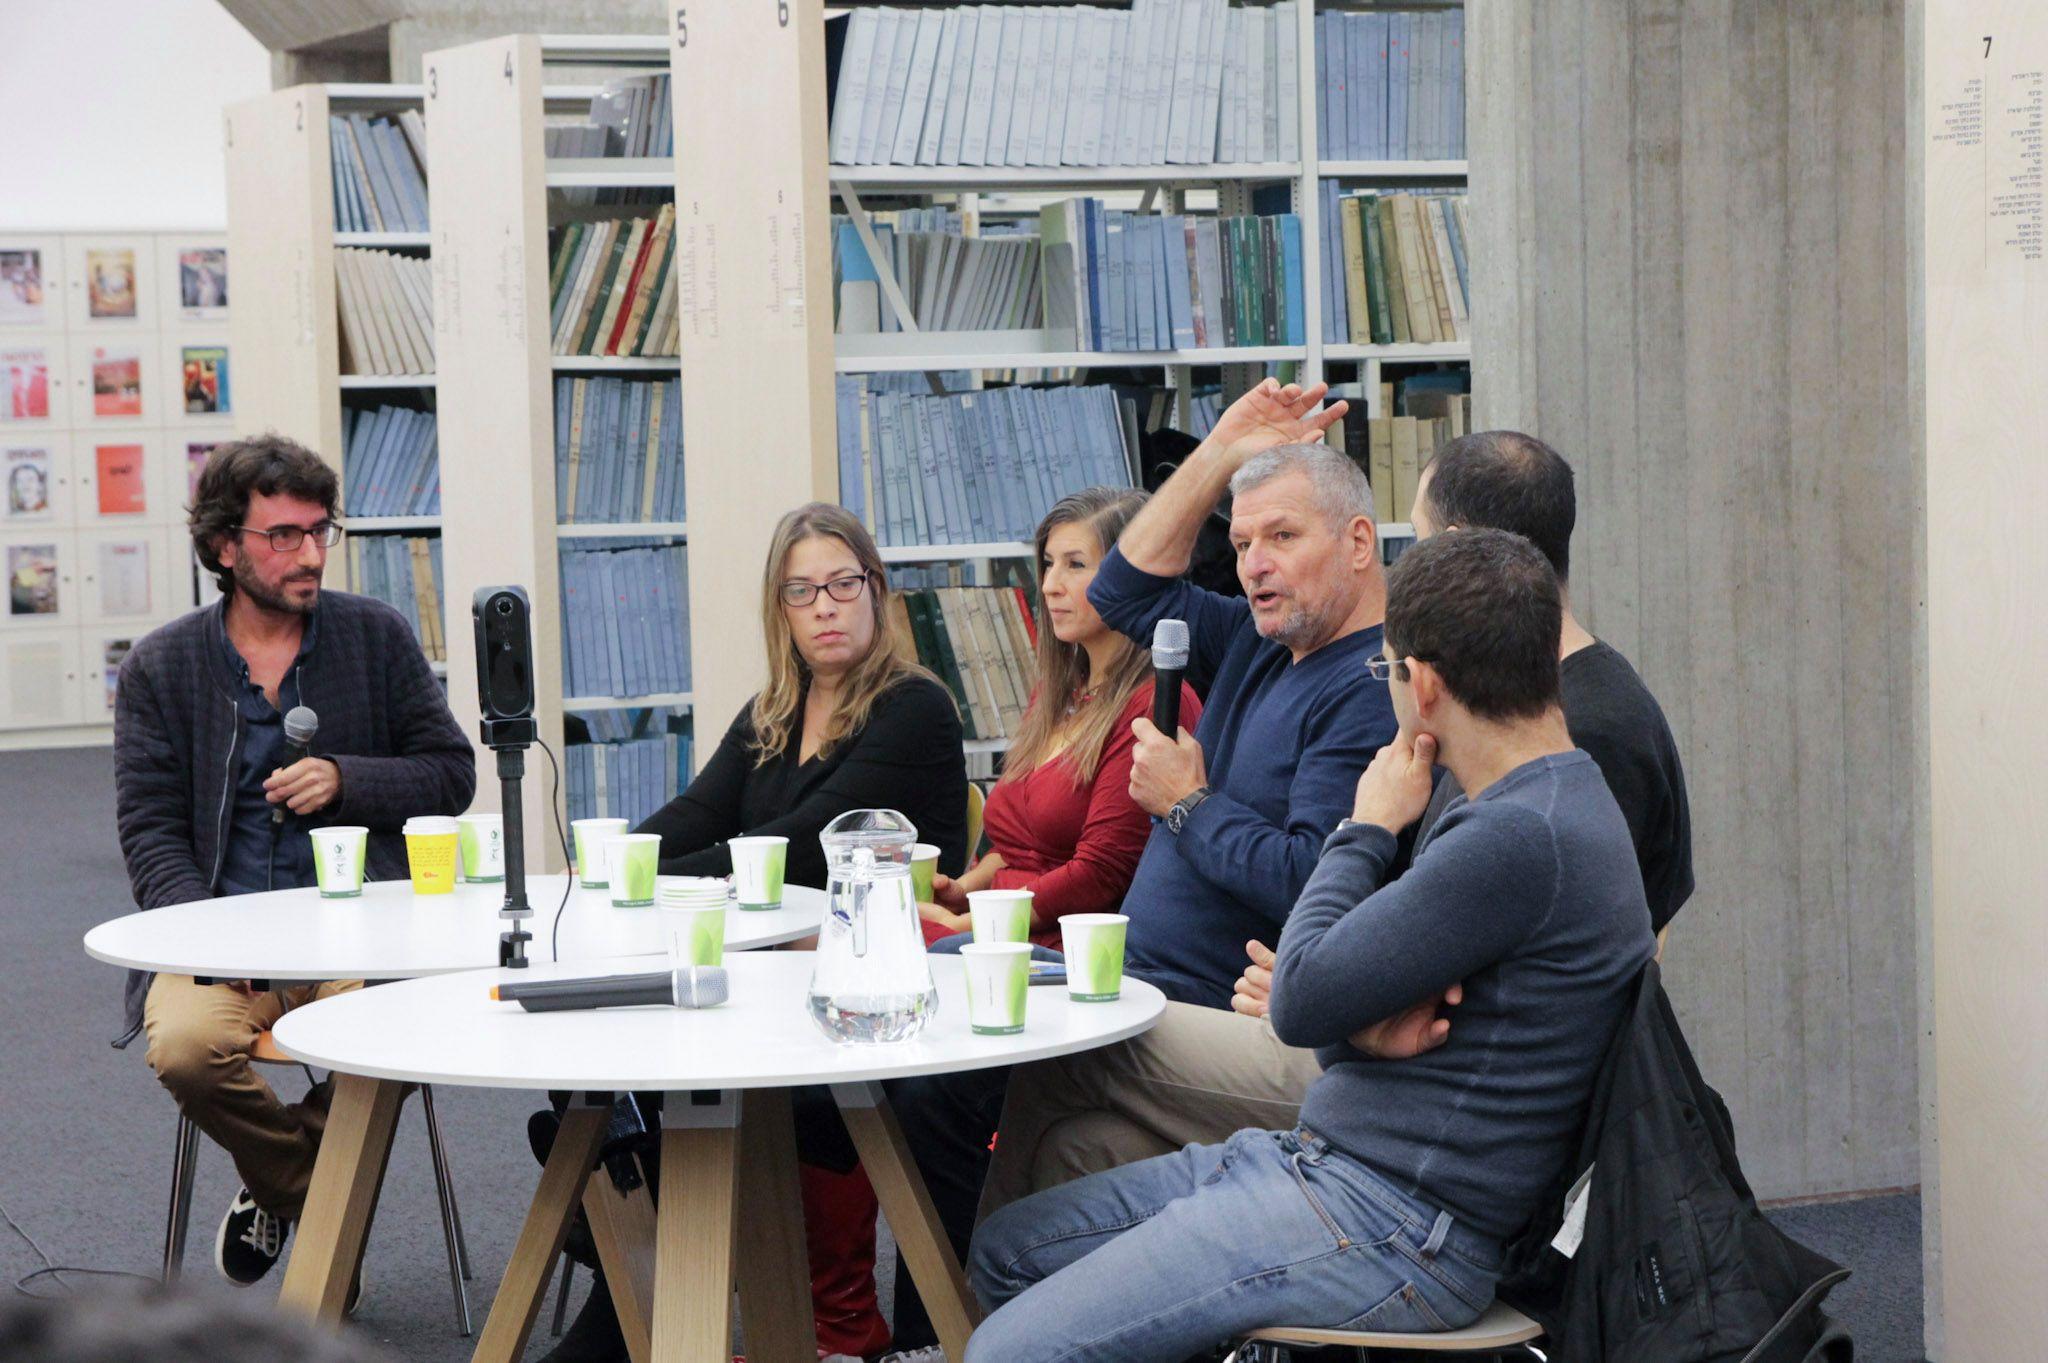 כנס העיתונות העצמאית של העין השביעית בבית אריאלה | צילומים: צילום: ולריה קיריק